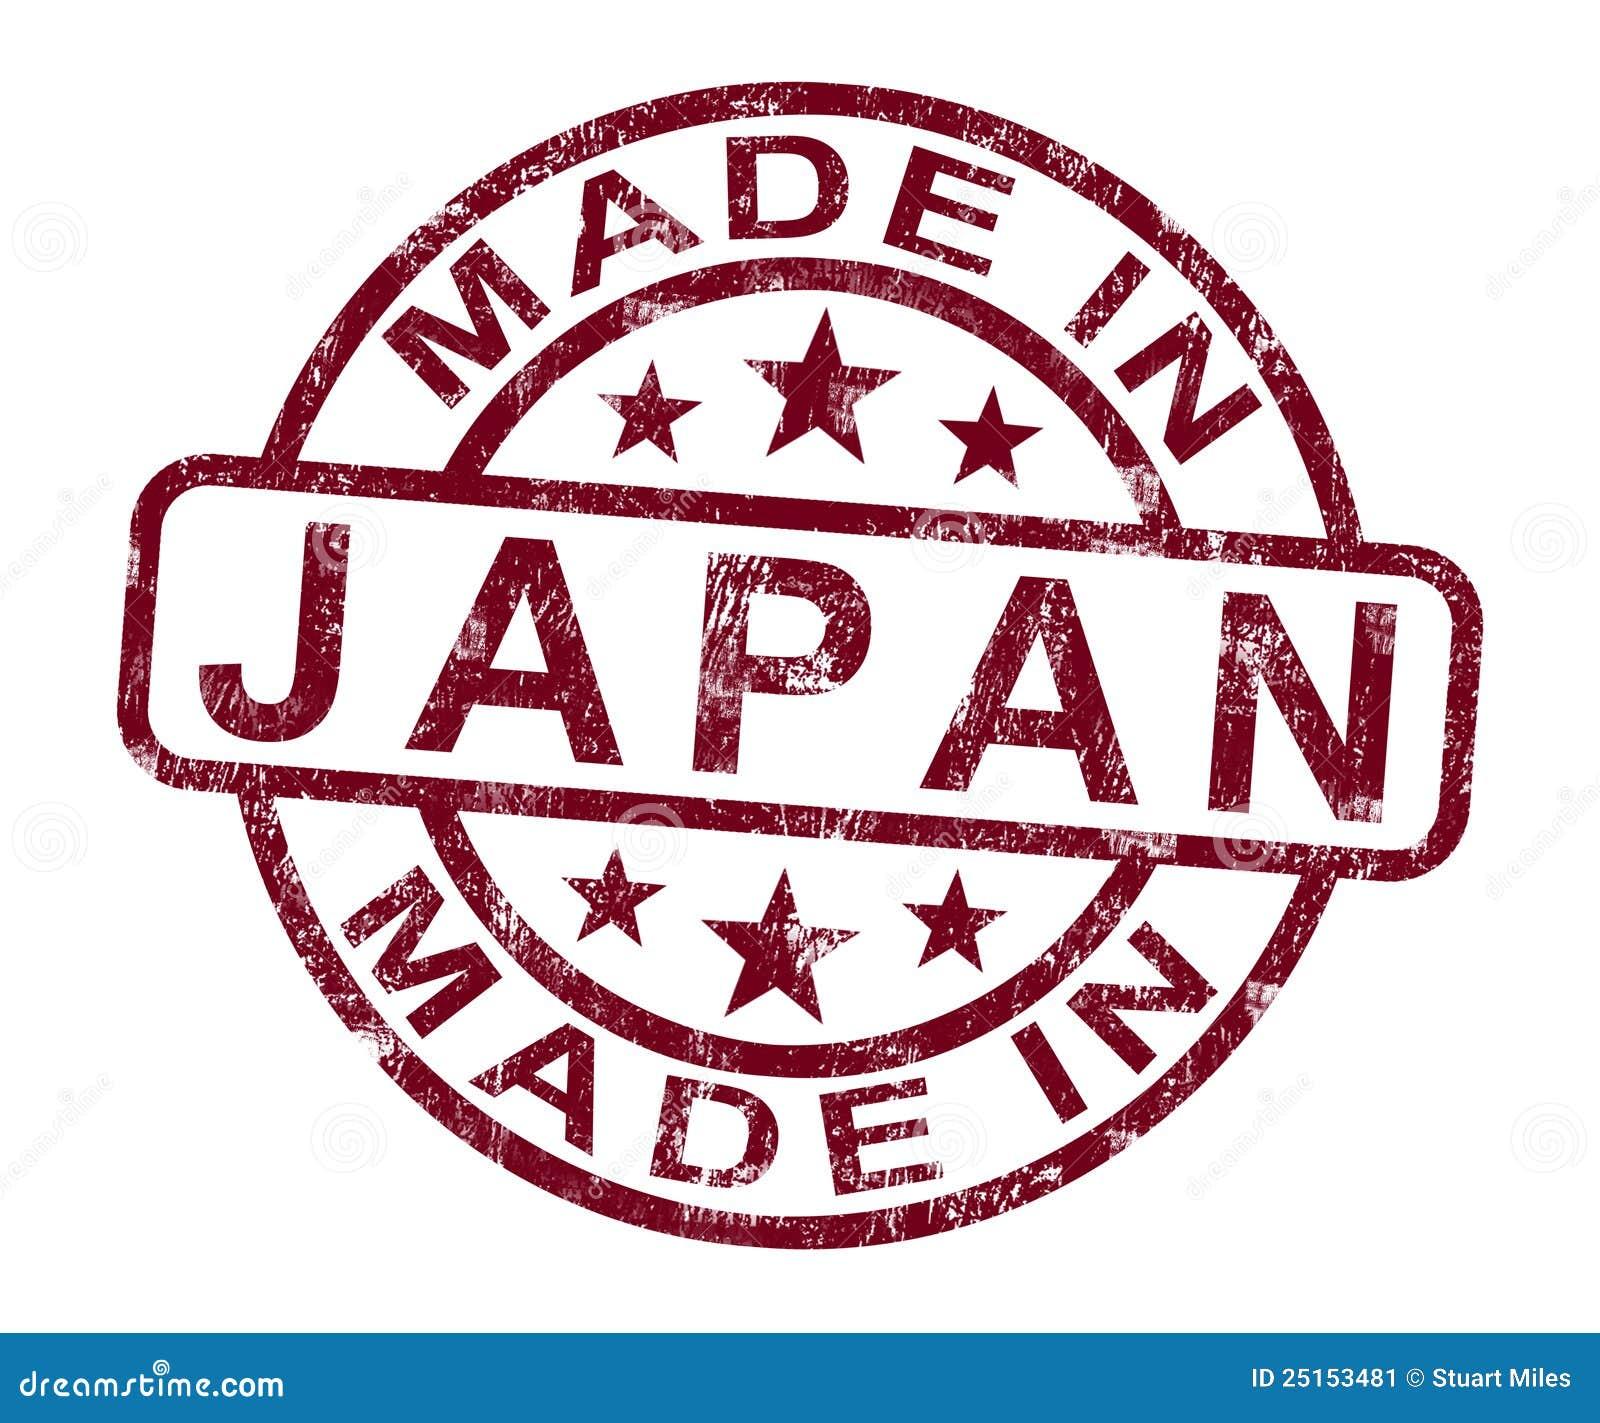 made in japan stamp shows japanese stock image image. Black Bedroom Furniture Sets. Home Design Ideas